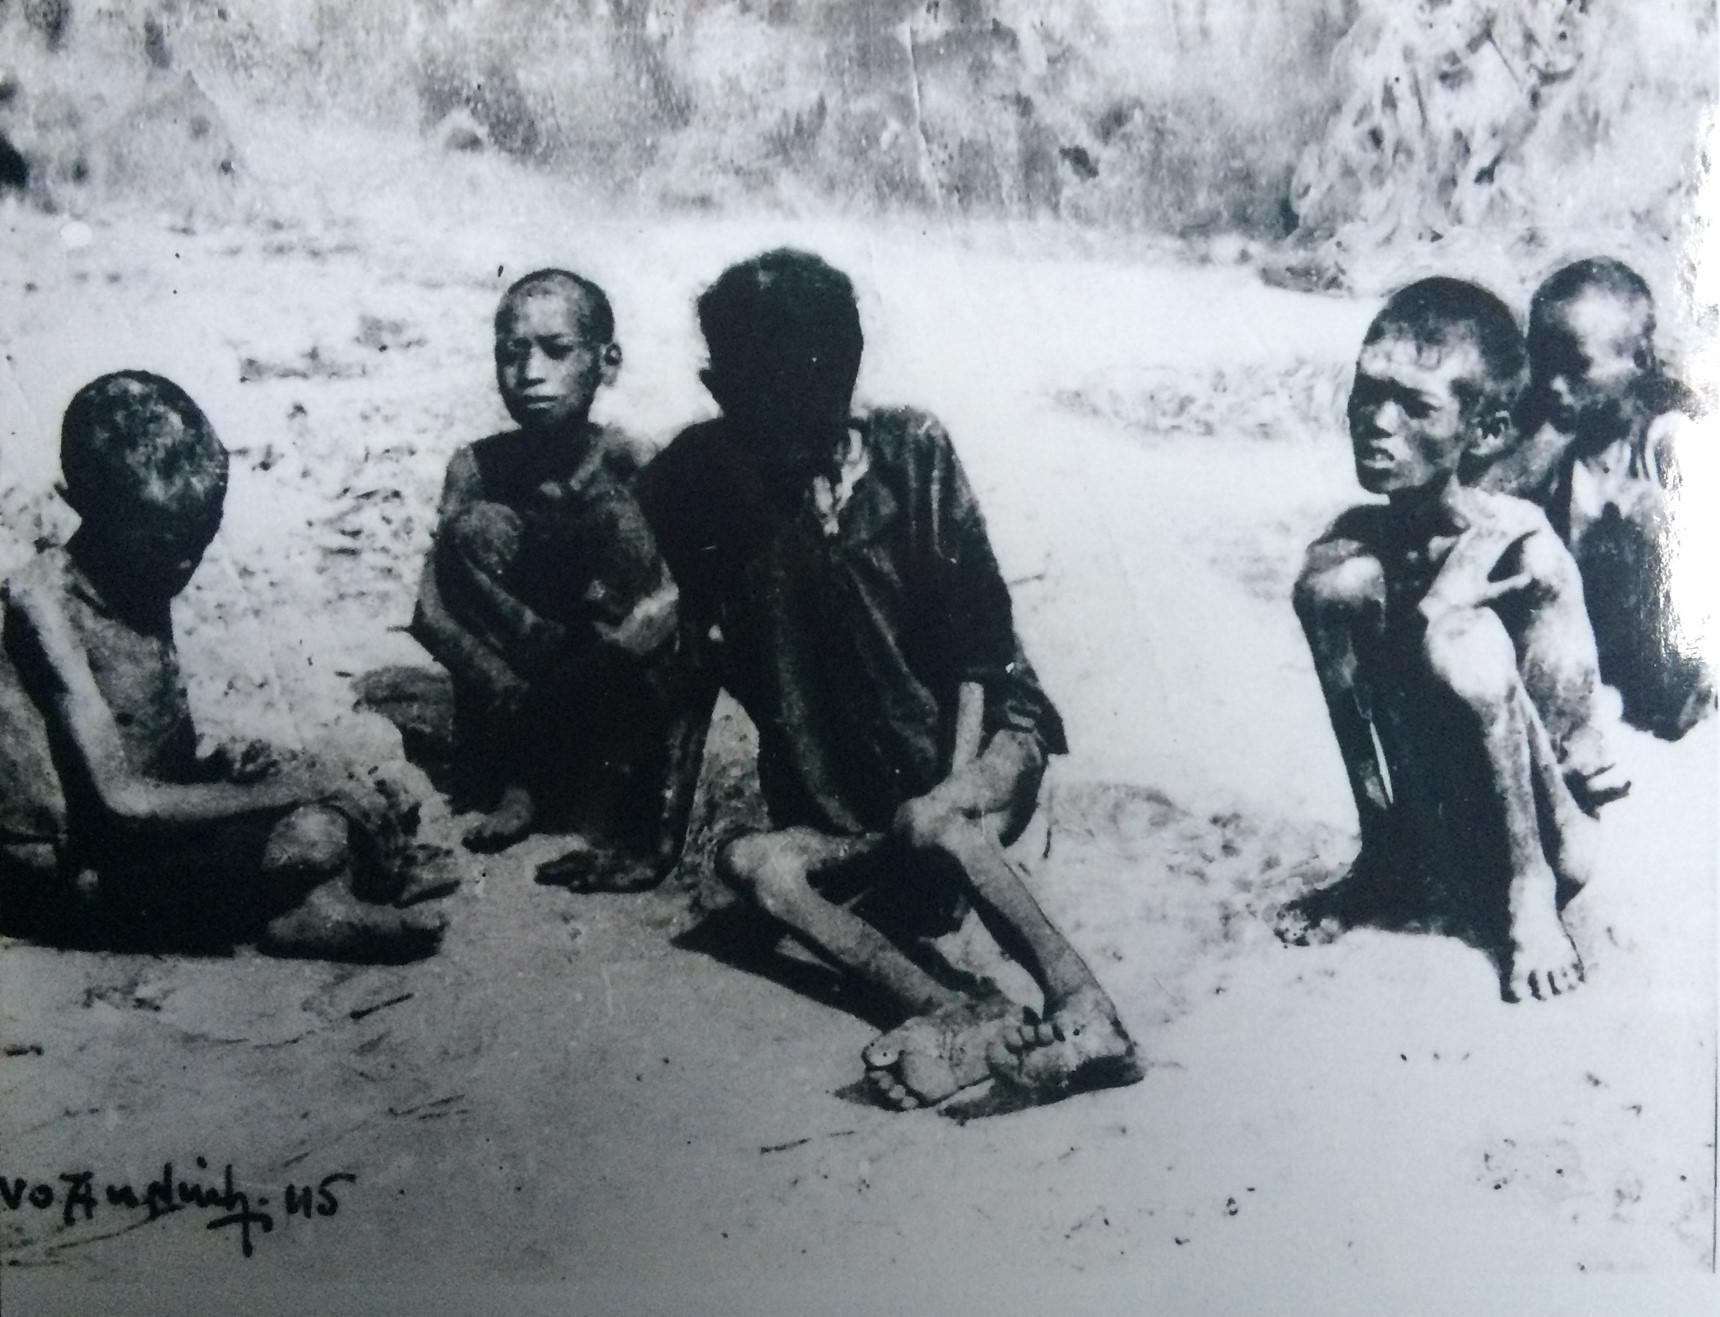 Chuyện ăn thịt người bi thảm trong nạn đói năm 1945